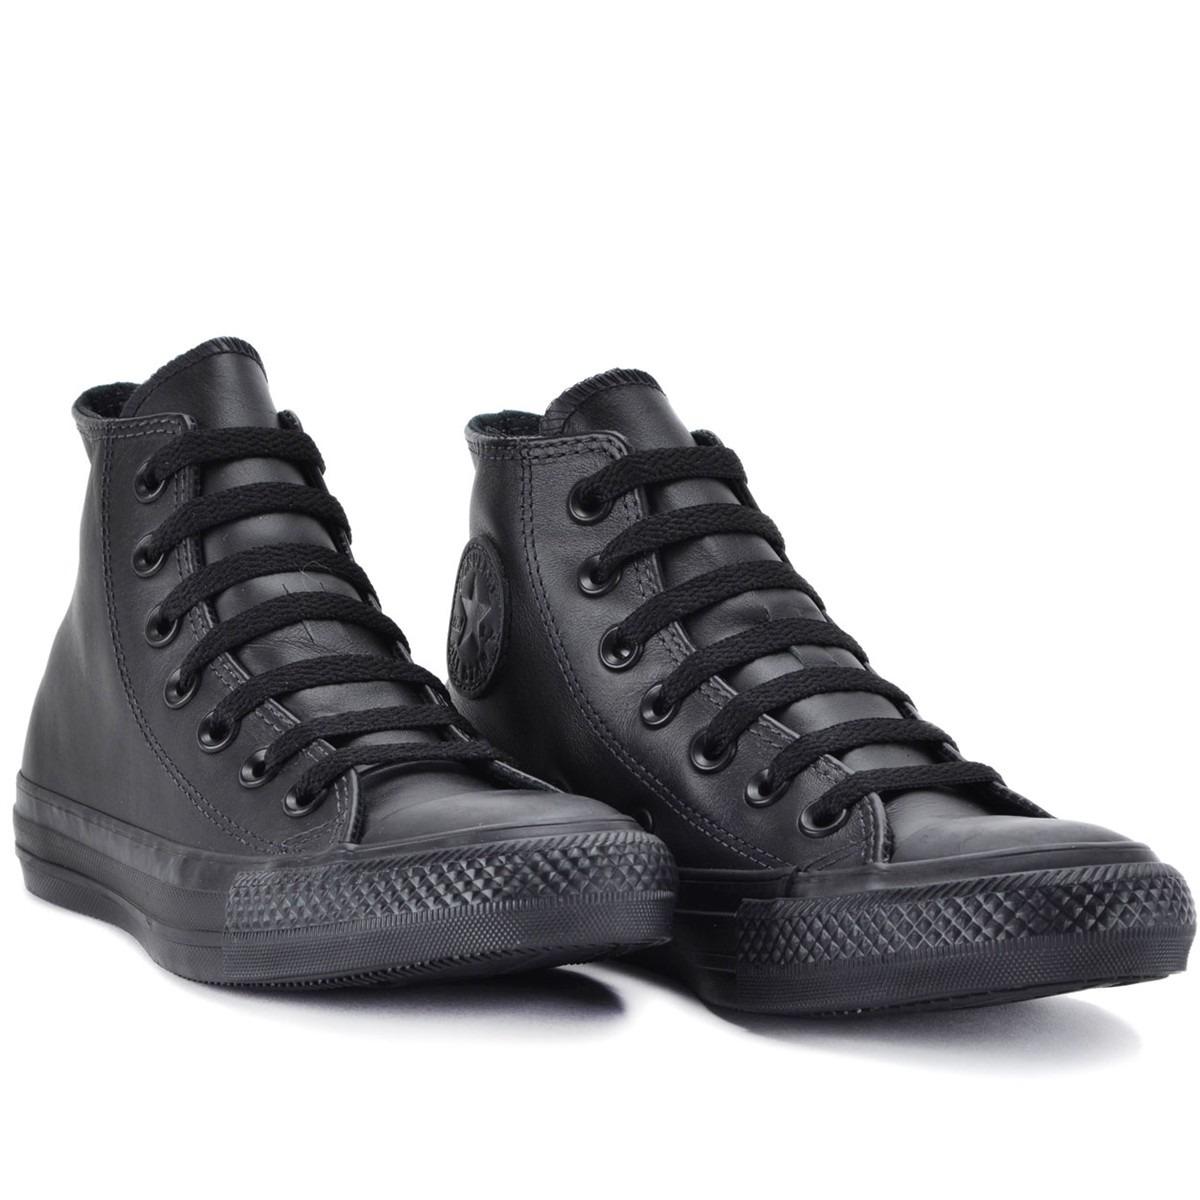 bf25ee68e39 tenis converse all star monochrome leather hi preto couro. Carregando zoom.